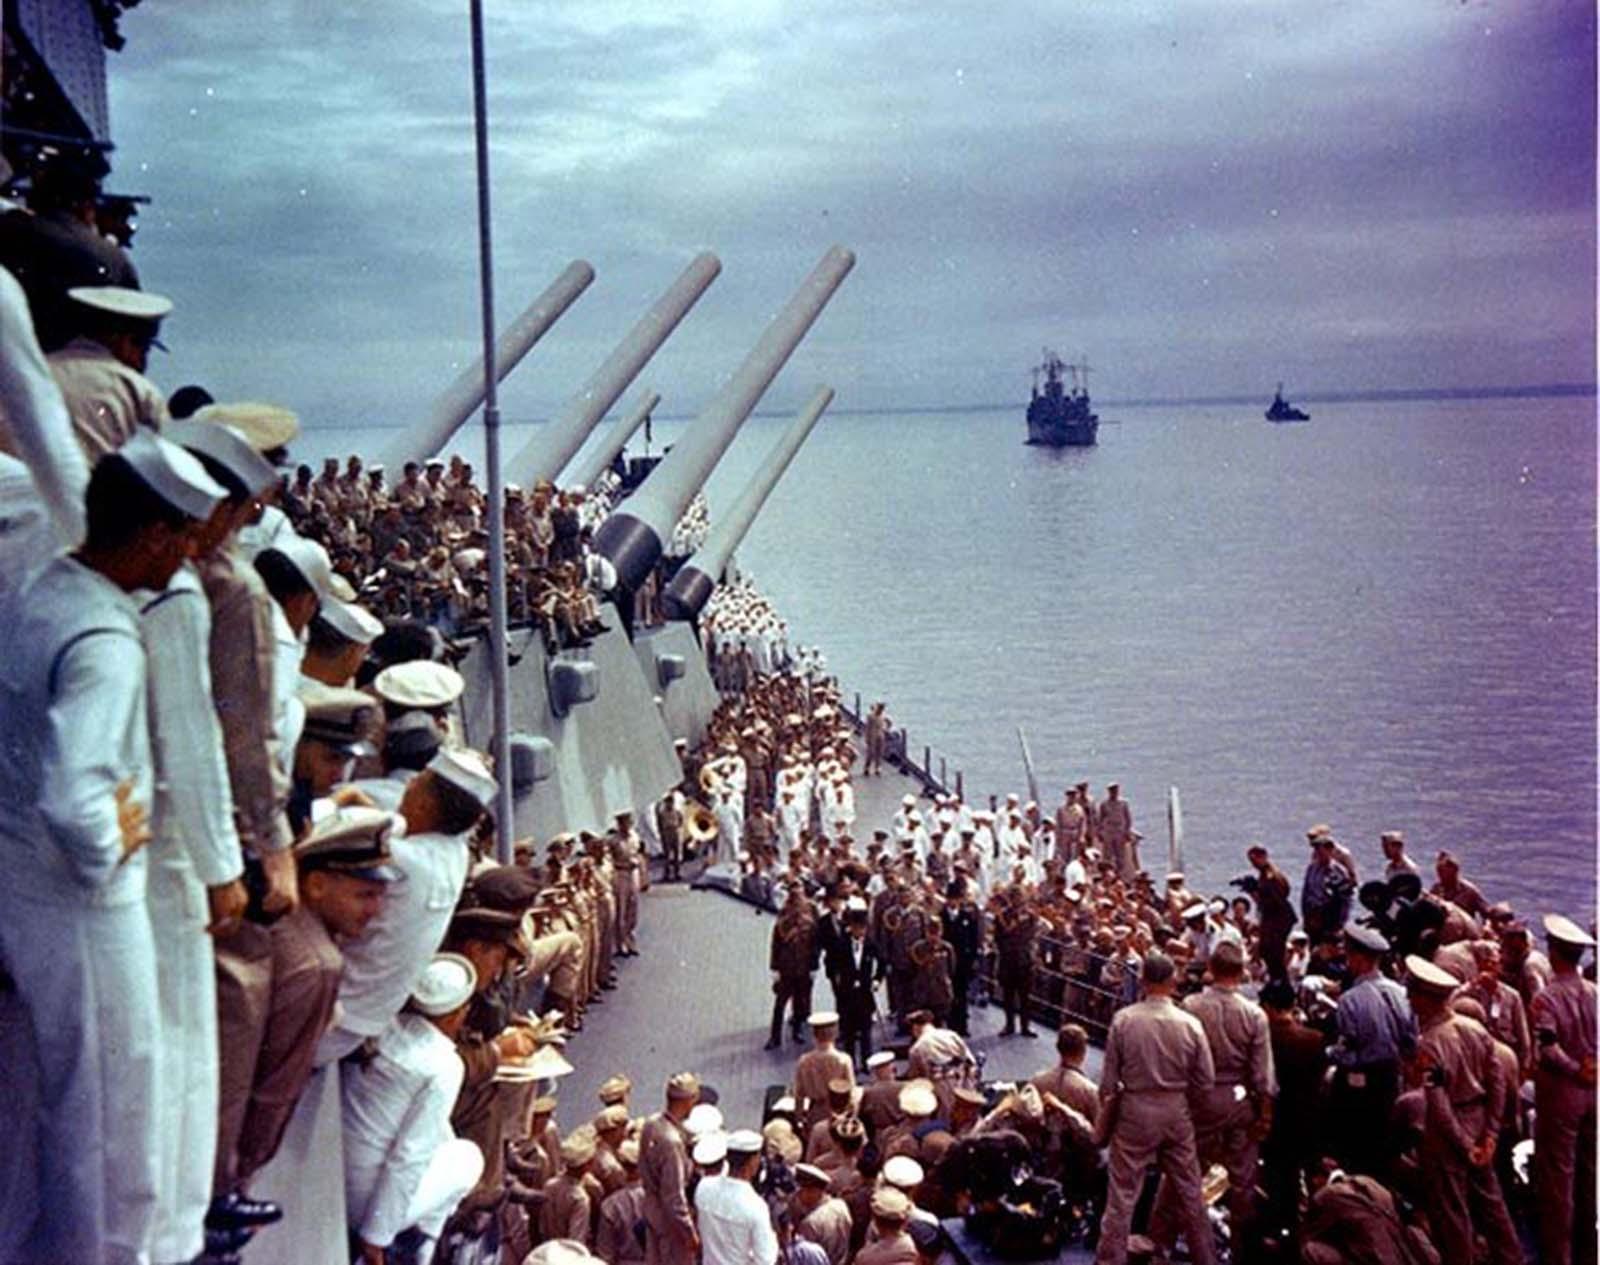 Amerikai katonák, akik figyelik a japán és az amerikai tisztviselőket, aláírják az előbbi átadási okmányát.  1945.